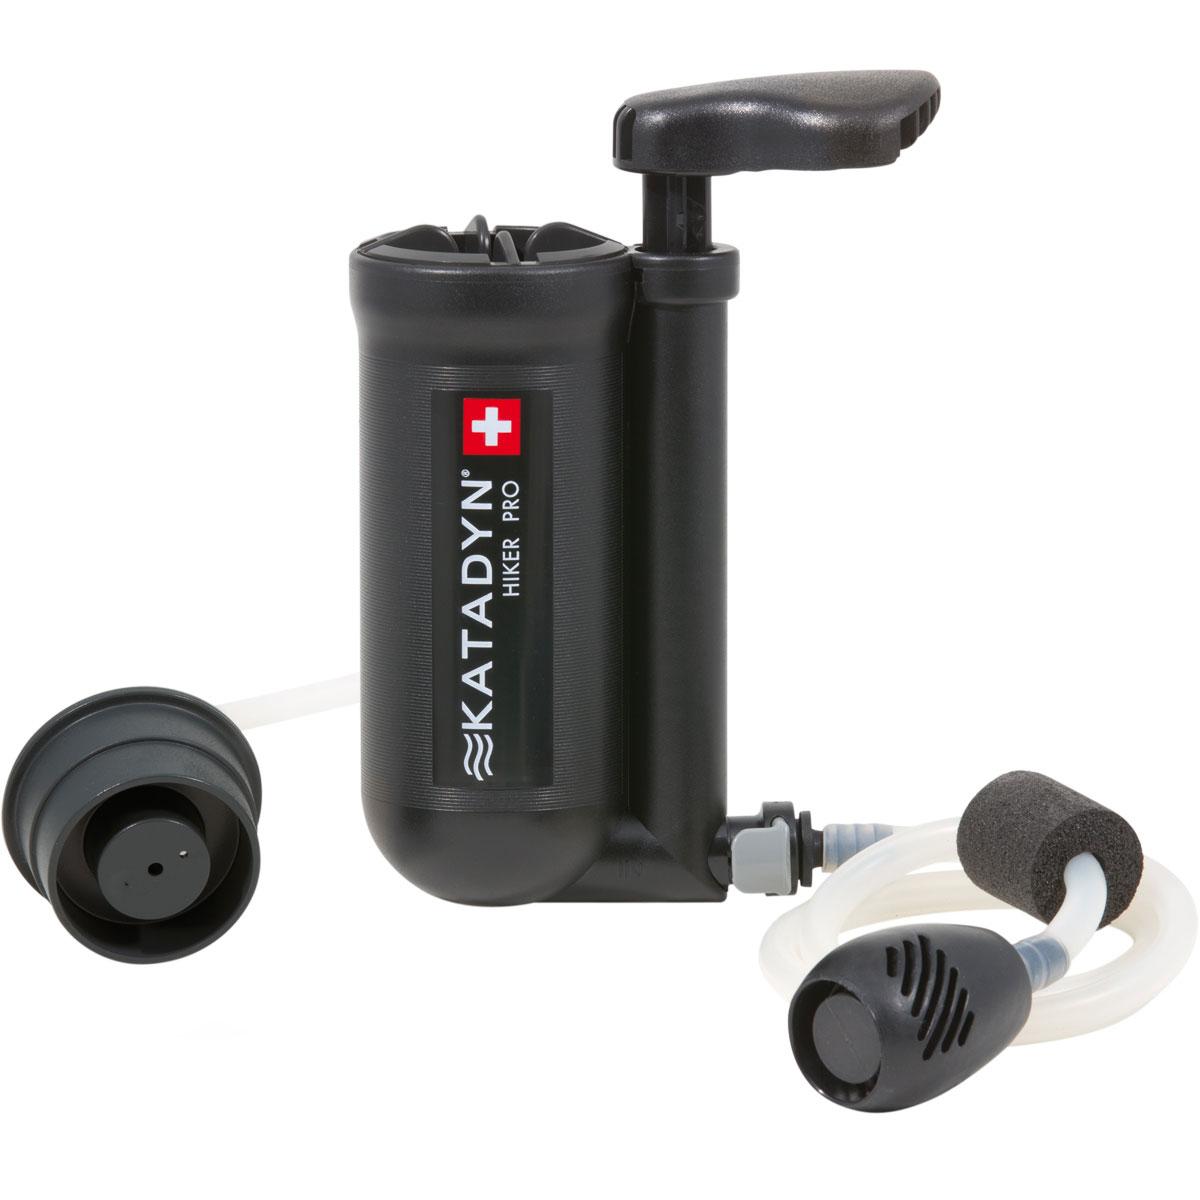 Kompakte Wasserfiltersysteme für das Überleben in der Wildnis - bw-discount.de